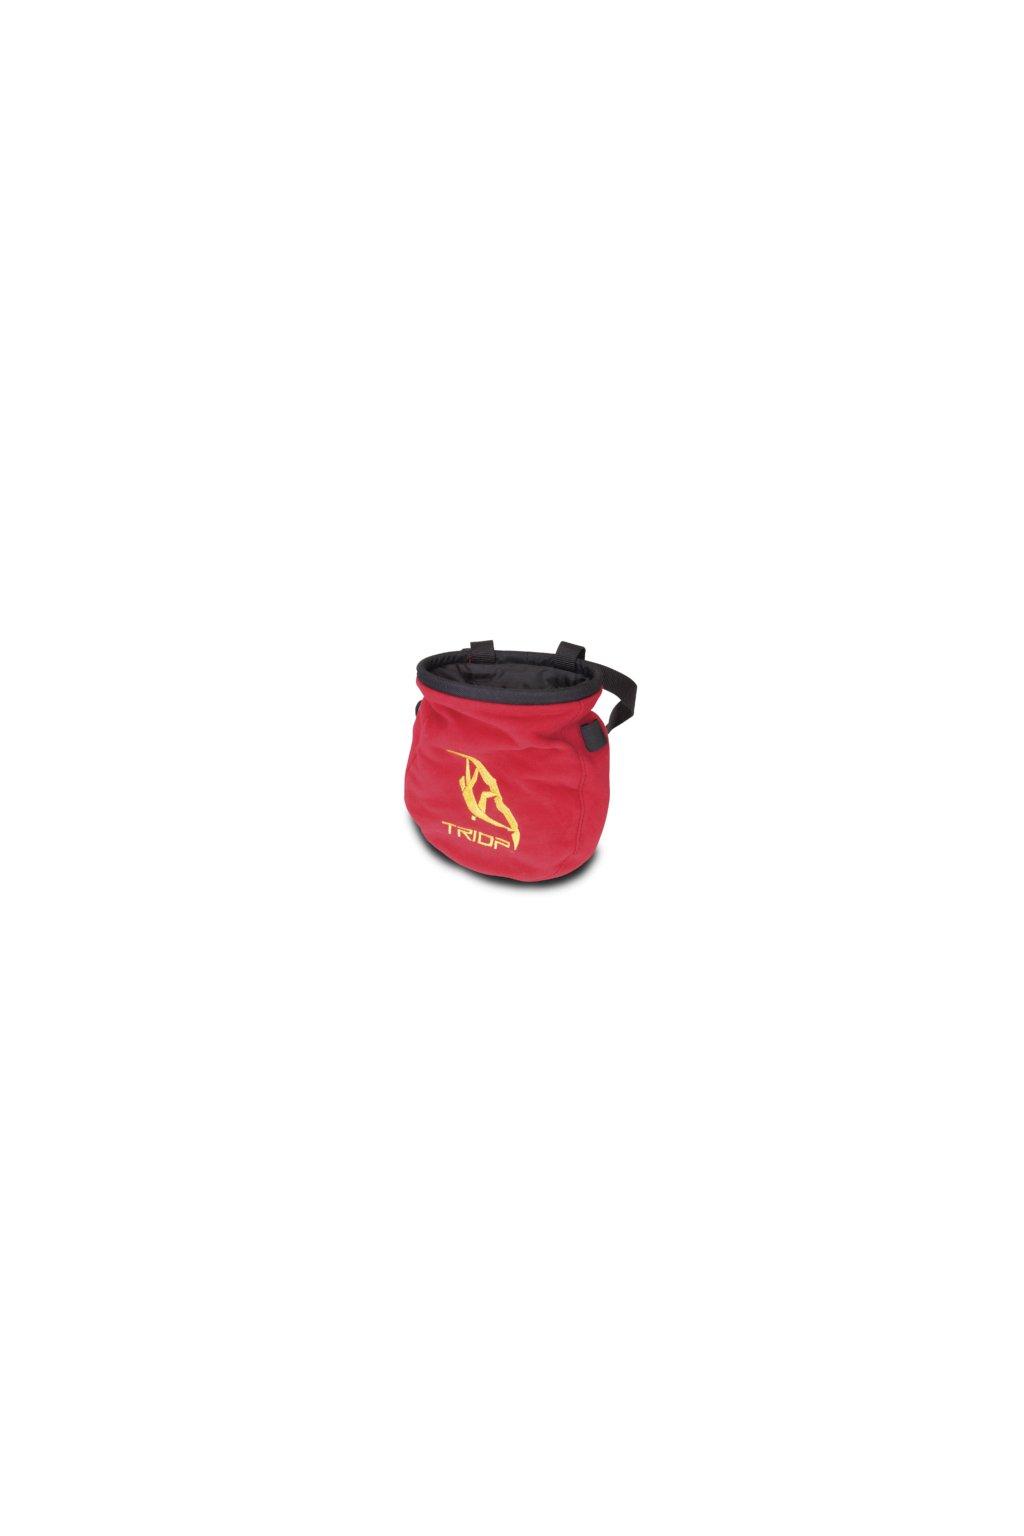 MG bag red big RGB 303x300